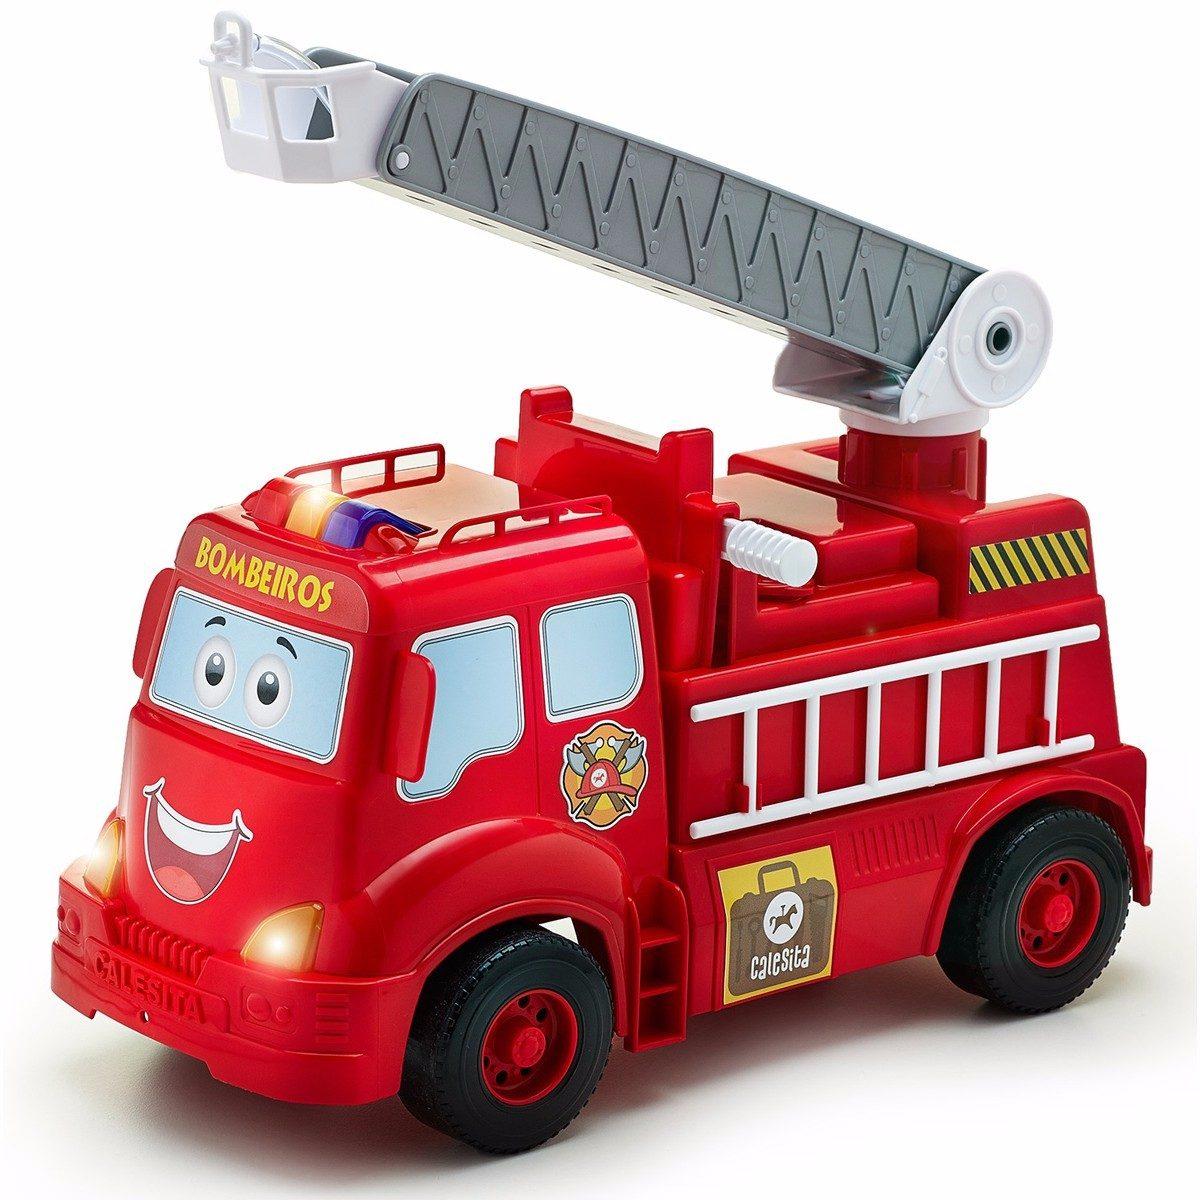 Camion Bombero Con Luces Y Sonido 408 Marca Calesita - $ 1.229,00 en ...